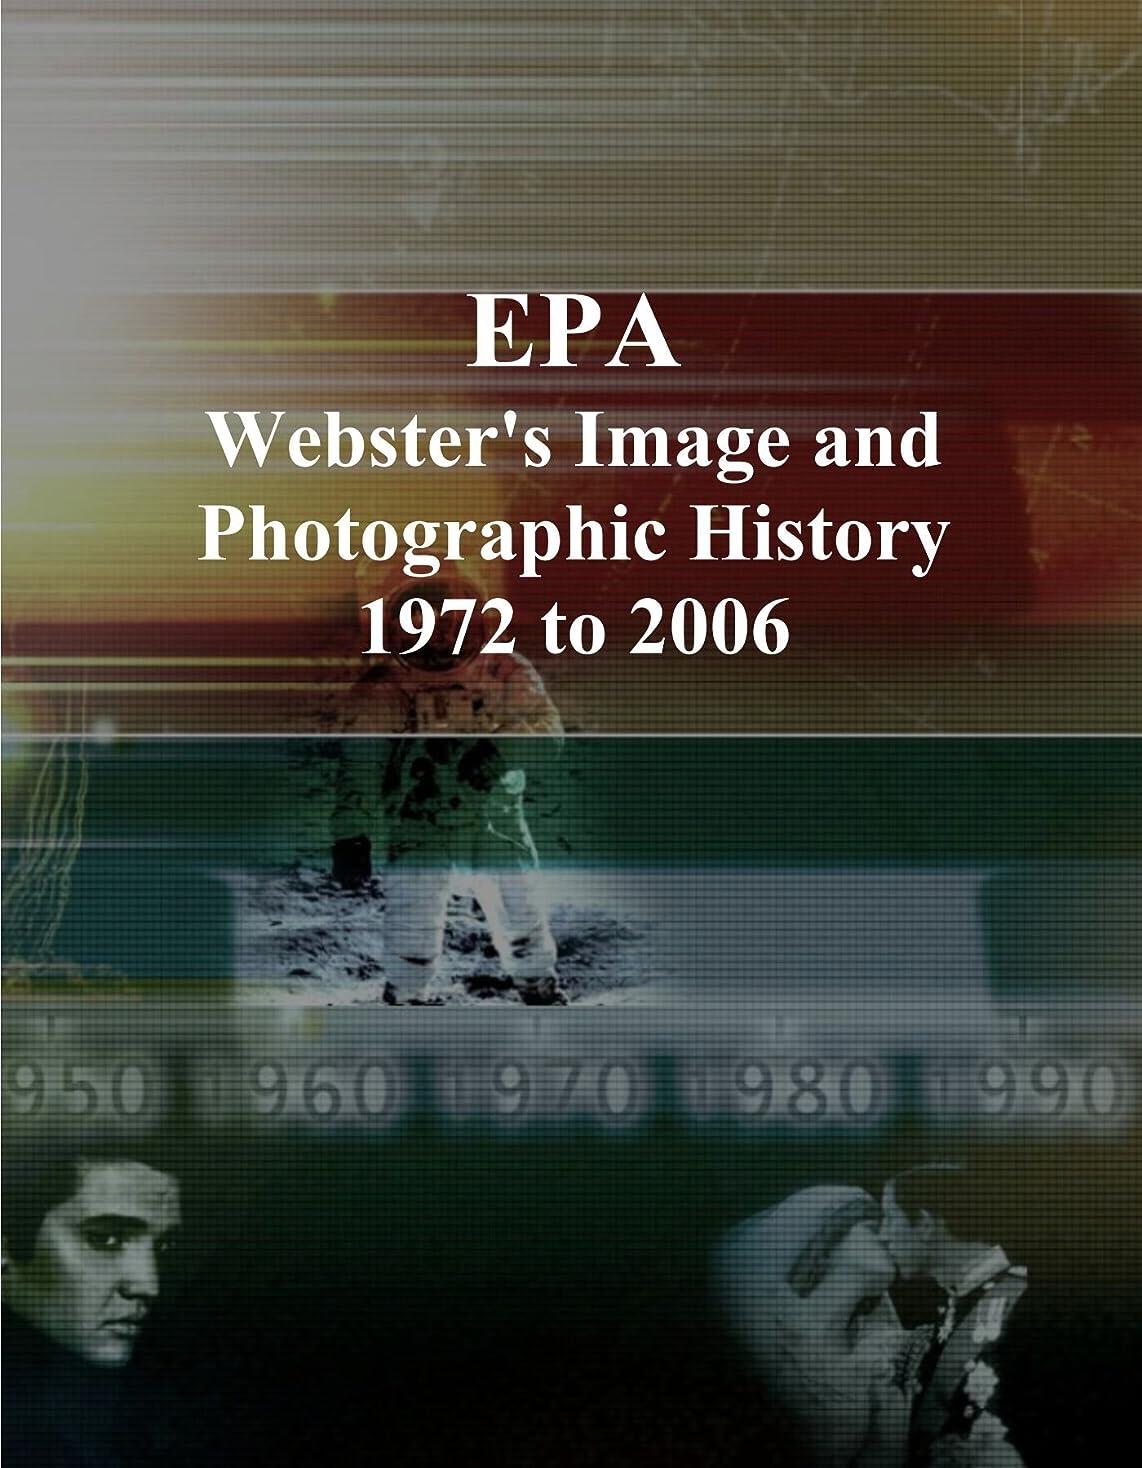 アートタンパク質アドバンテージEPA: Webster's Image and Photographic History, 1972 to 2006